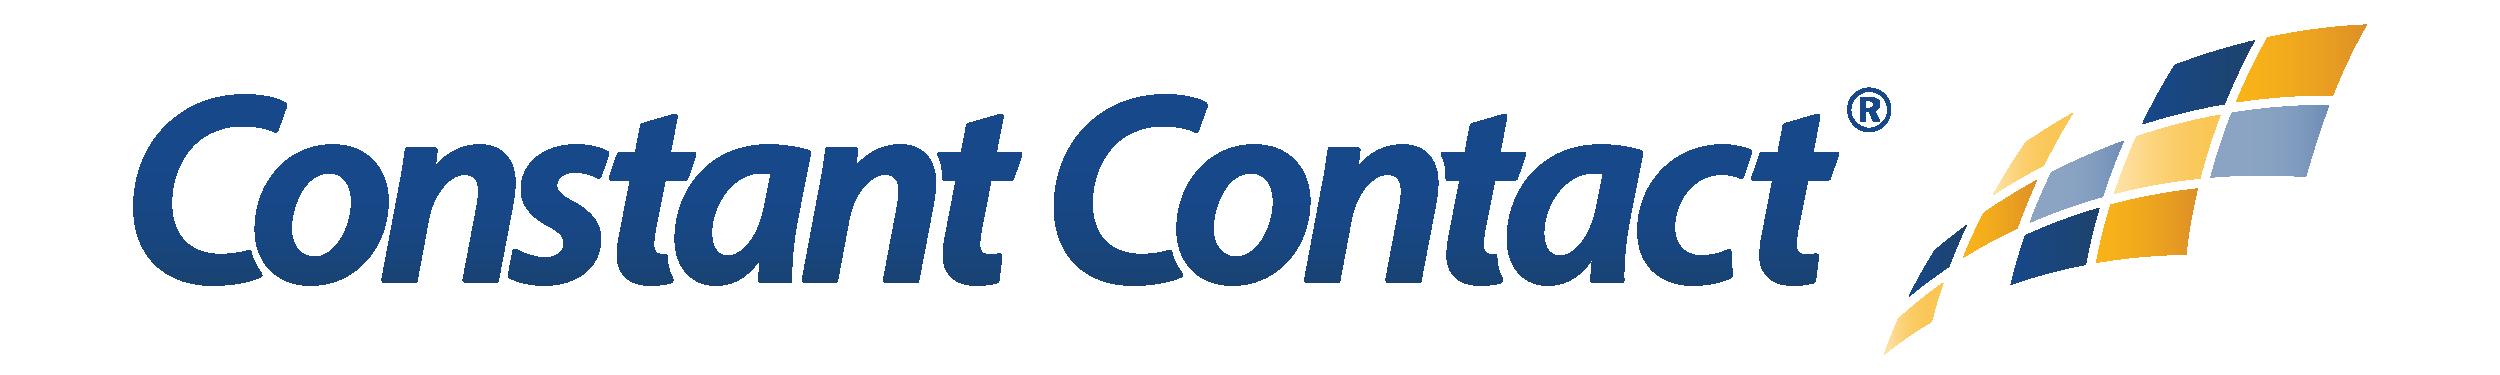 Constant Contact logo big